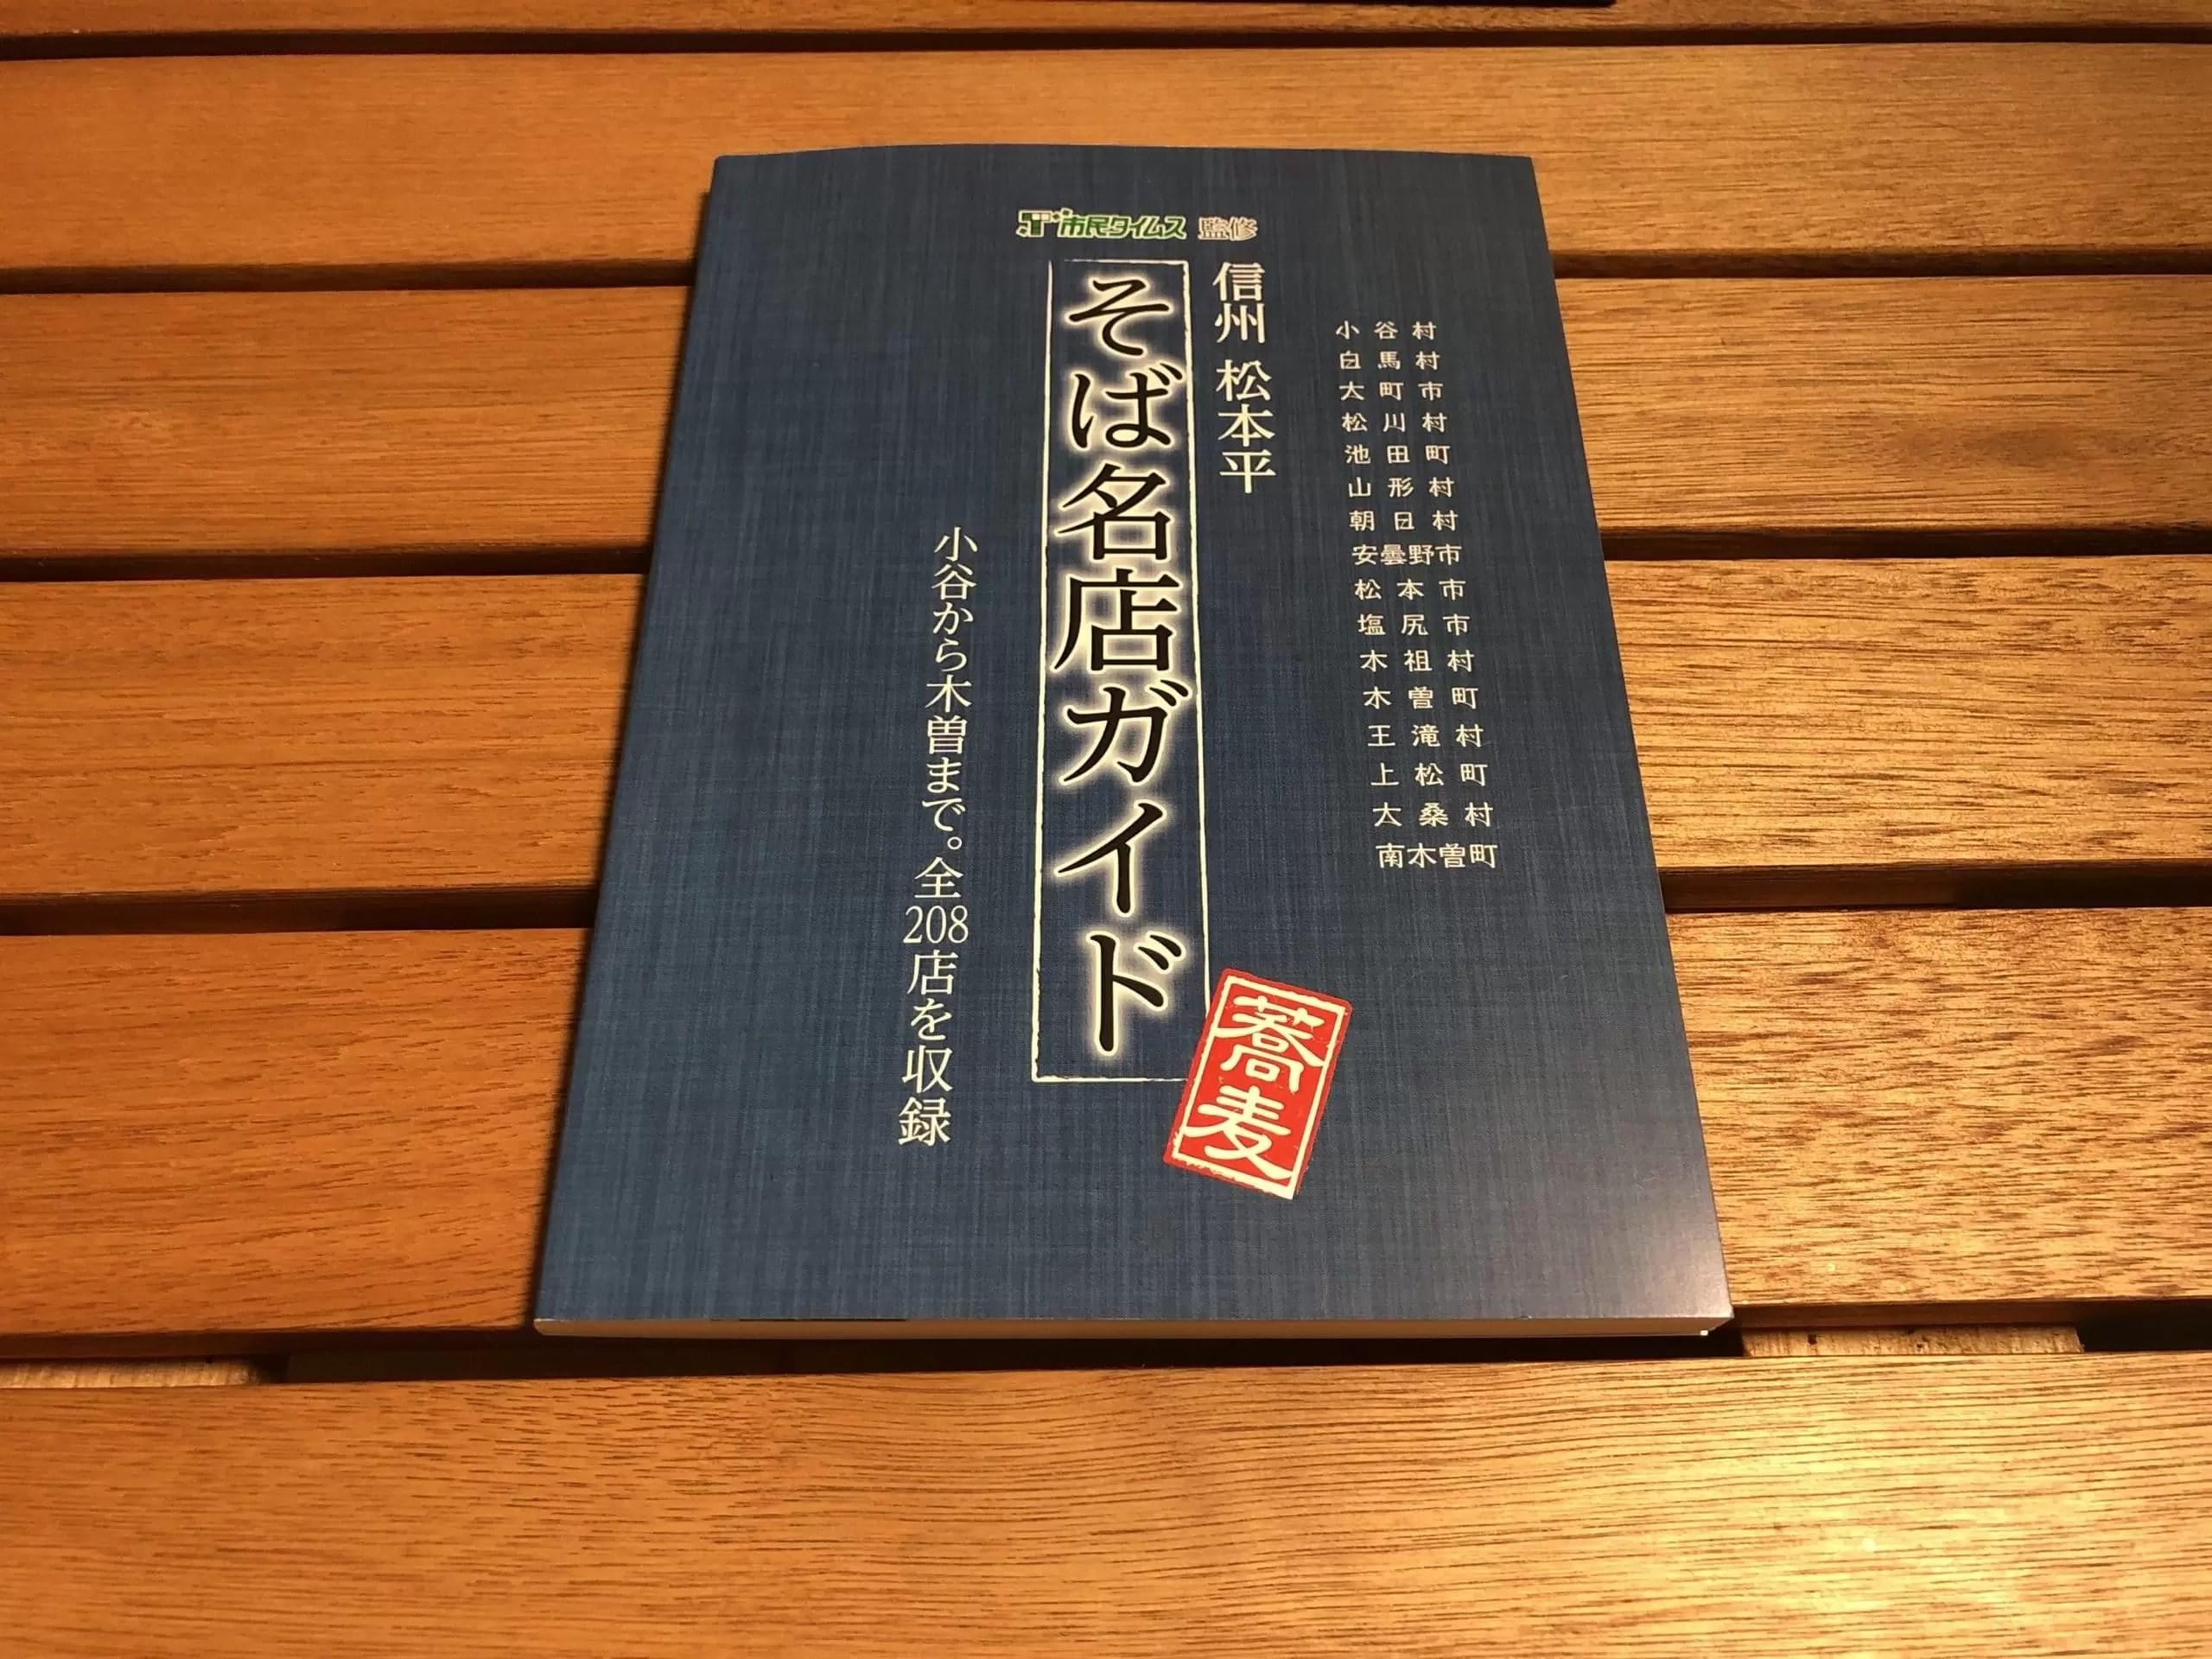 「信州松本平そば名店ガイド」がやりよるわい